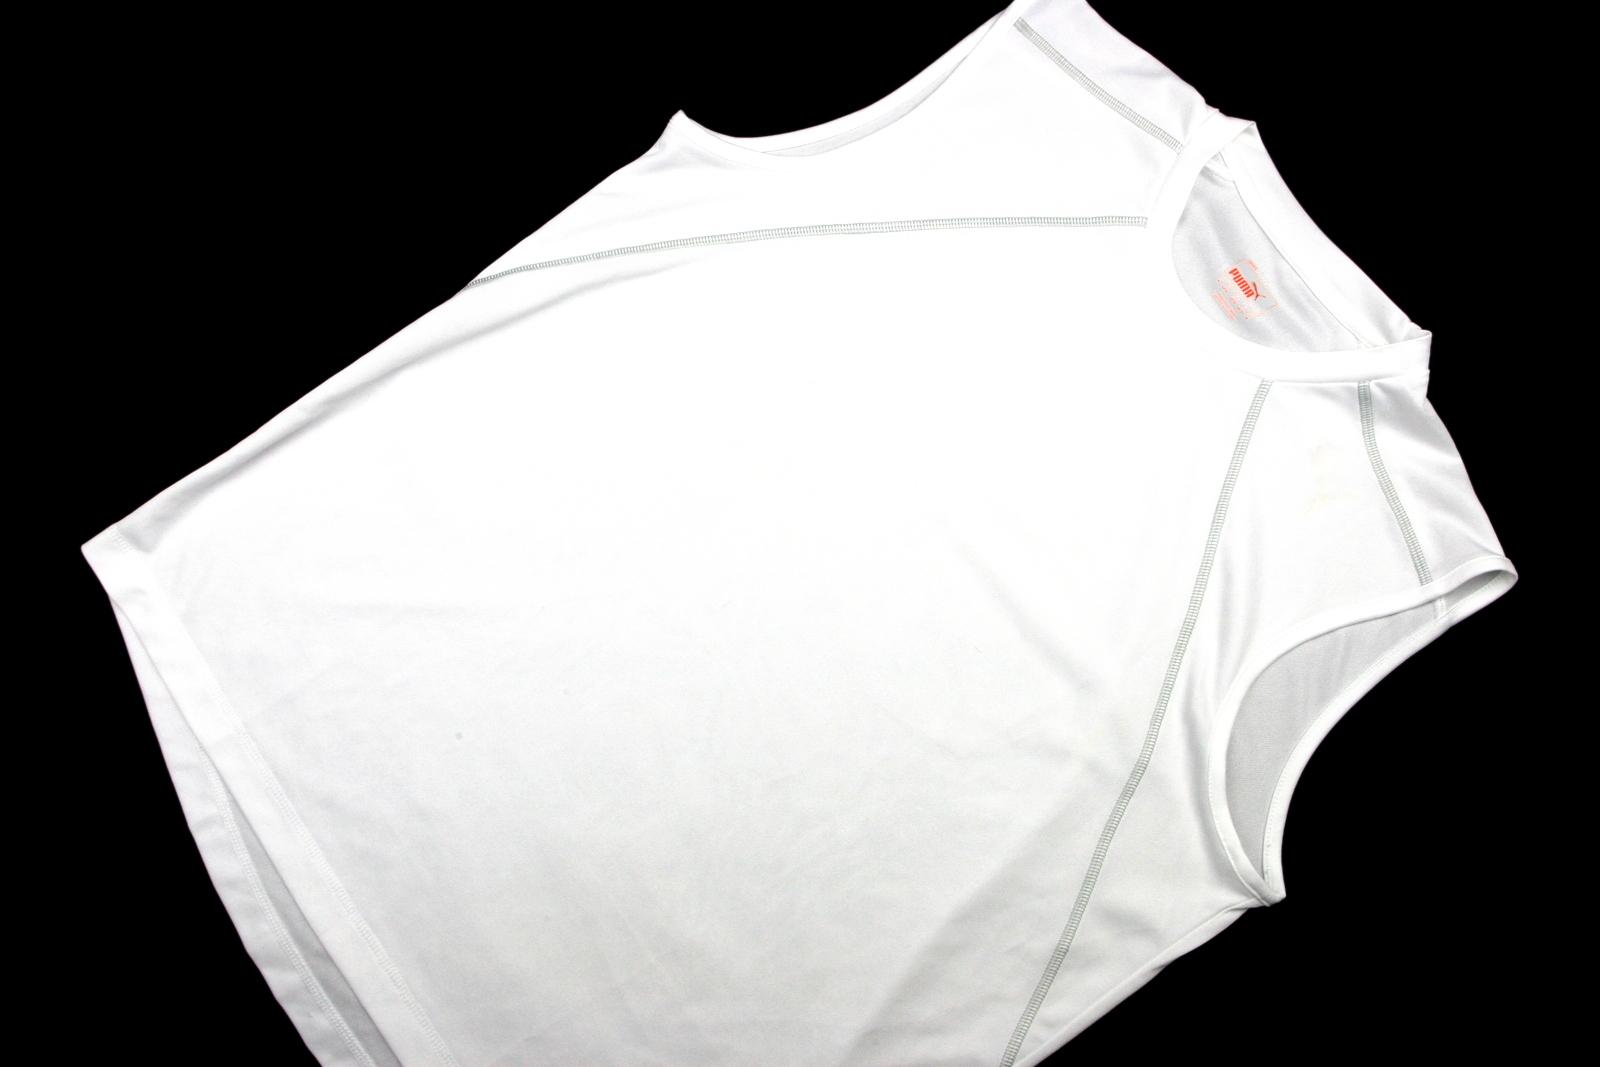 WYPRZEDAŻ !!! PUMA koszulka SPORTOWA bez rękawów M